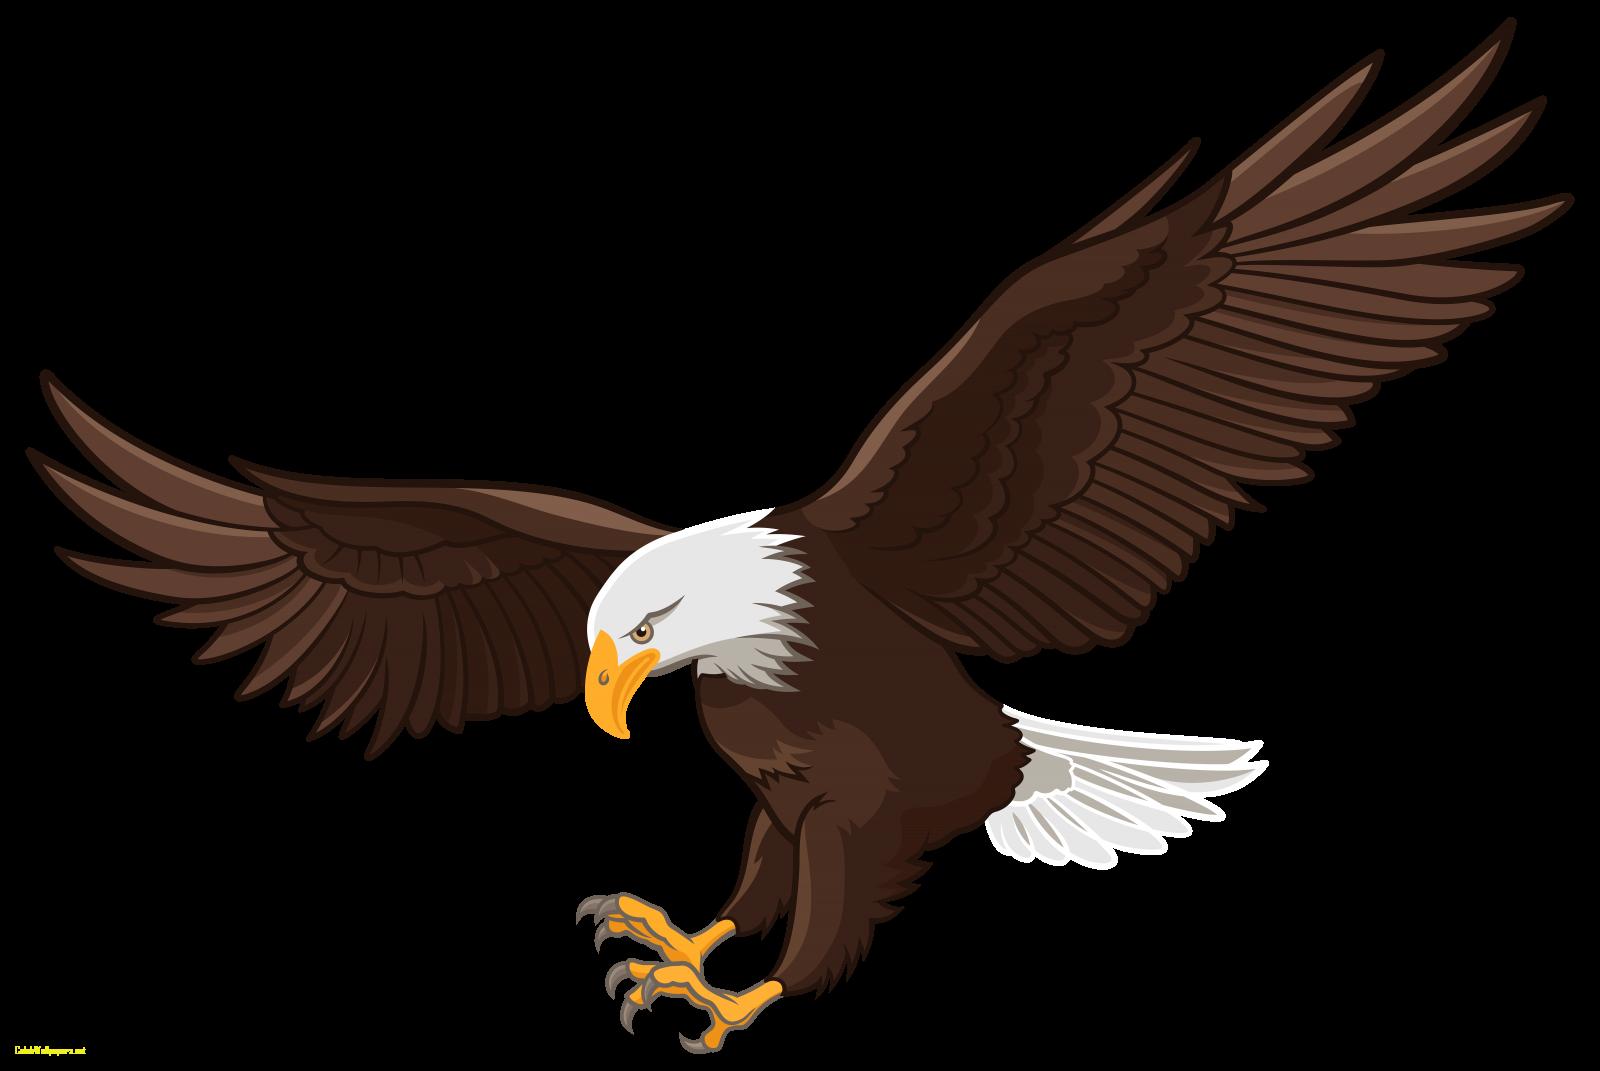 Eagle clipart file. Eagles vastu in images